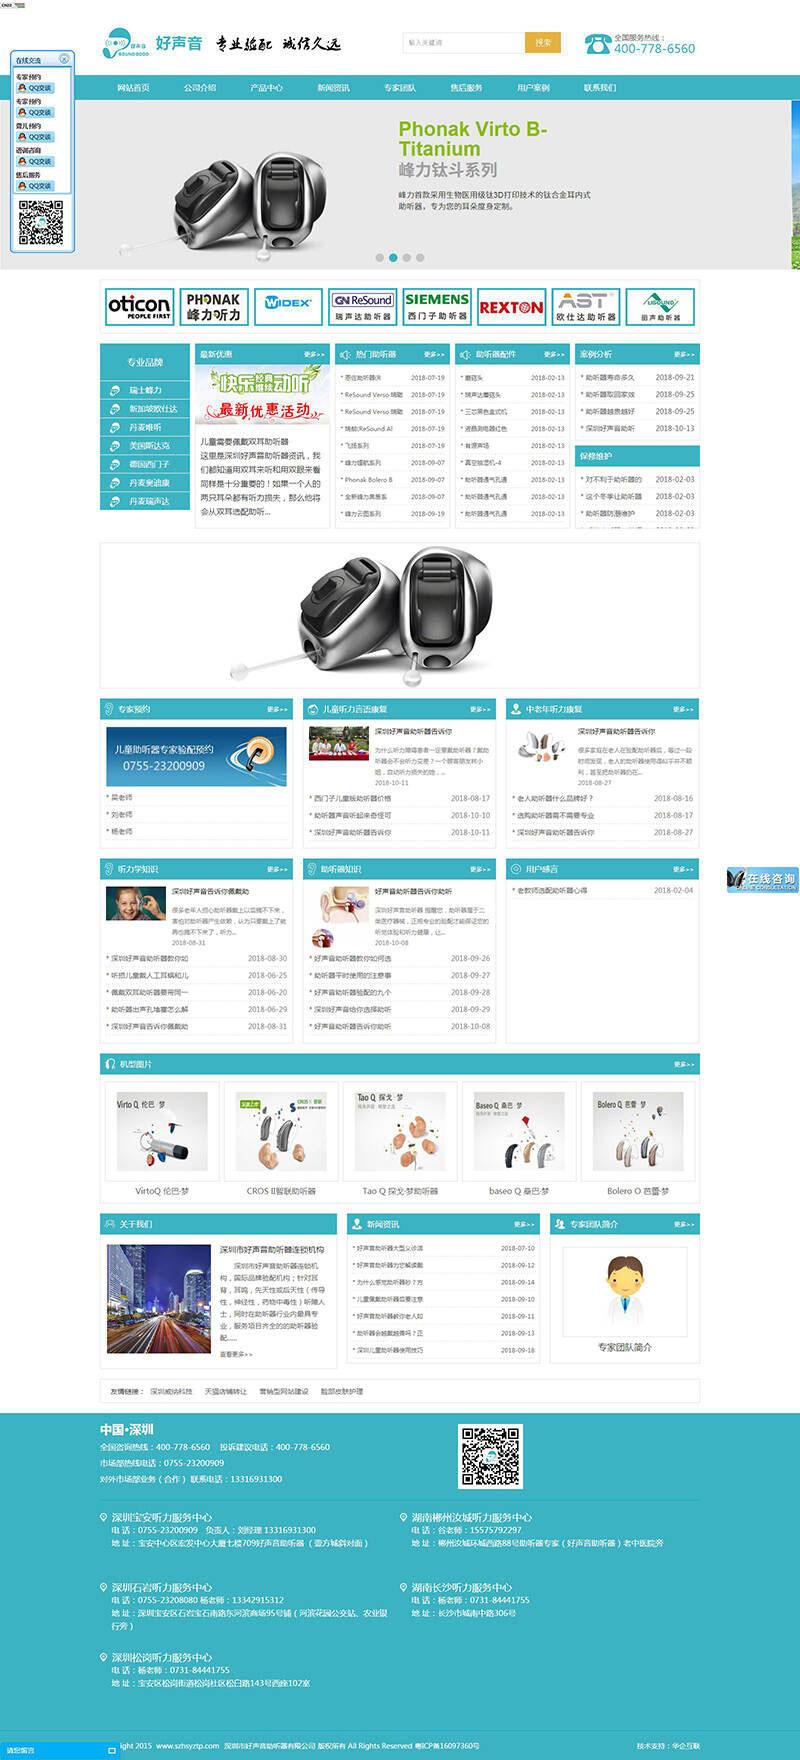 蓝色风格助听器公司网站源码 织梦dedecms模板 第1张